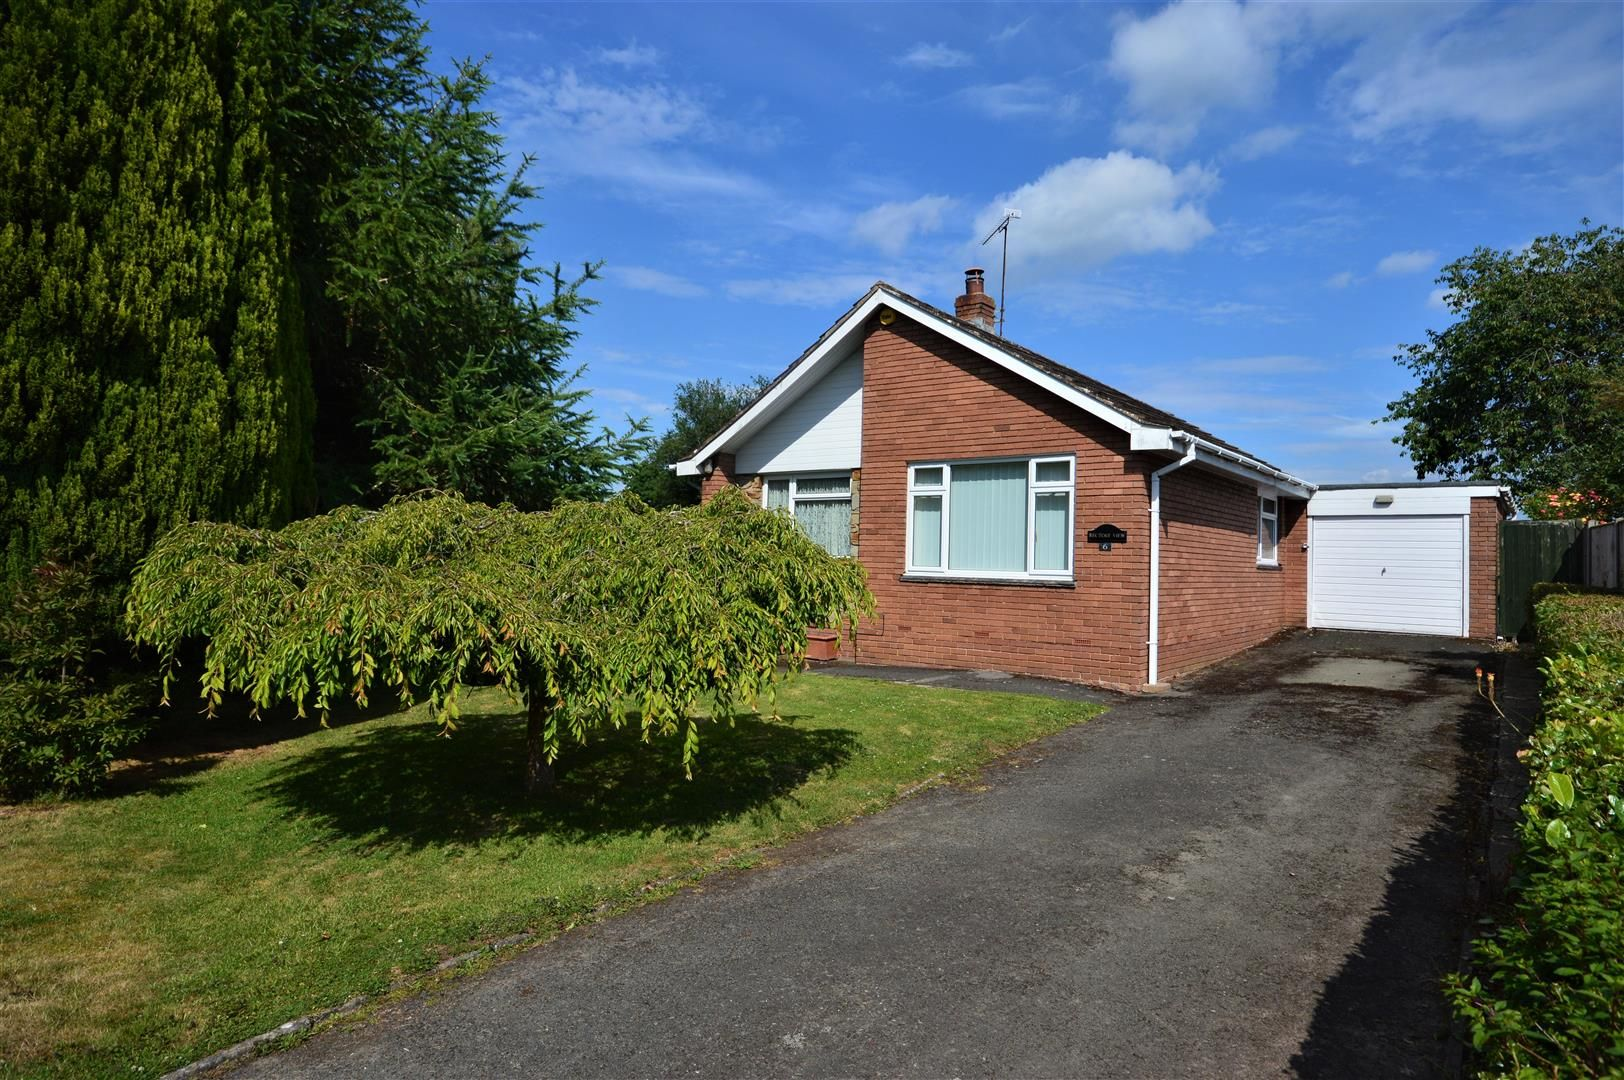 2 bed detached-bungalow for sale in Pembridge, HR6